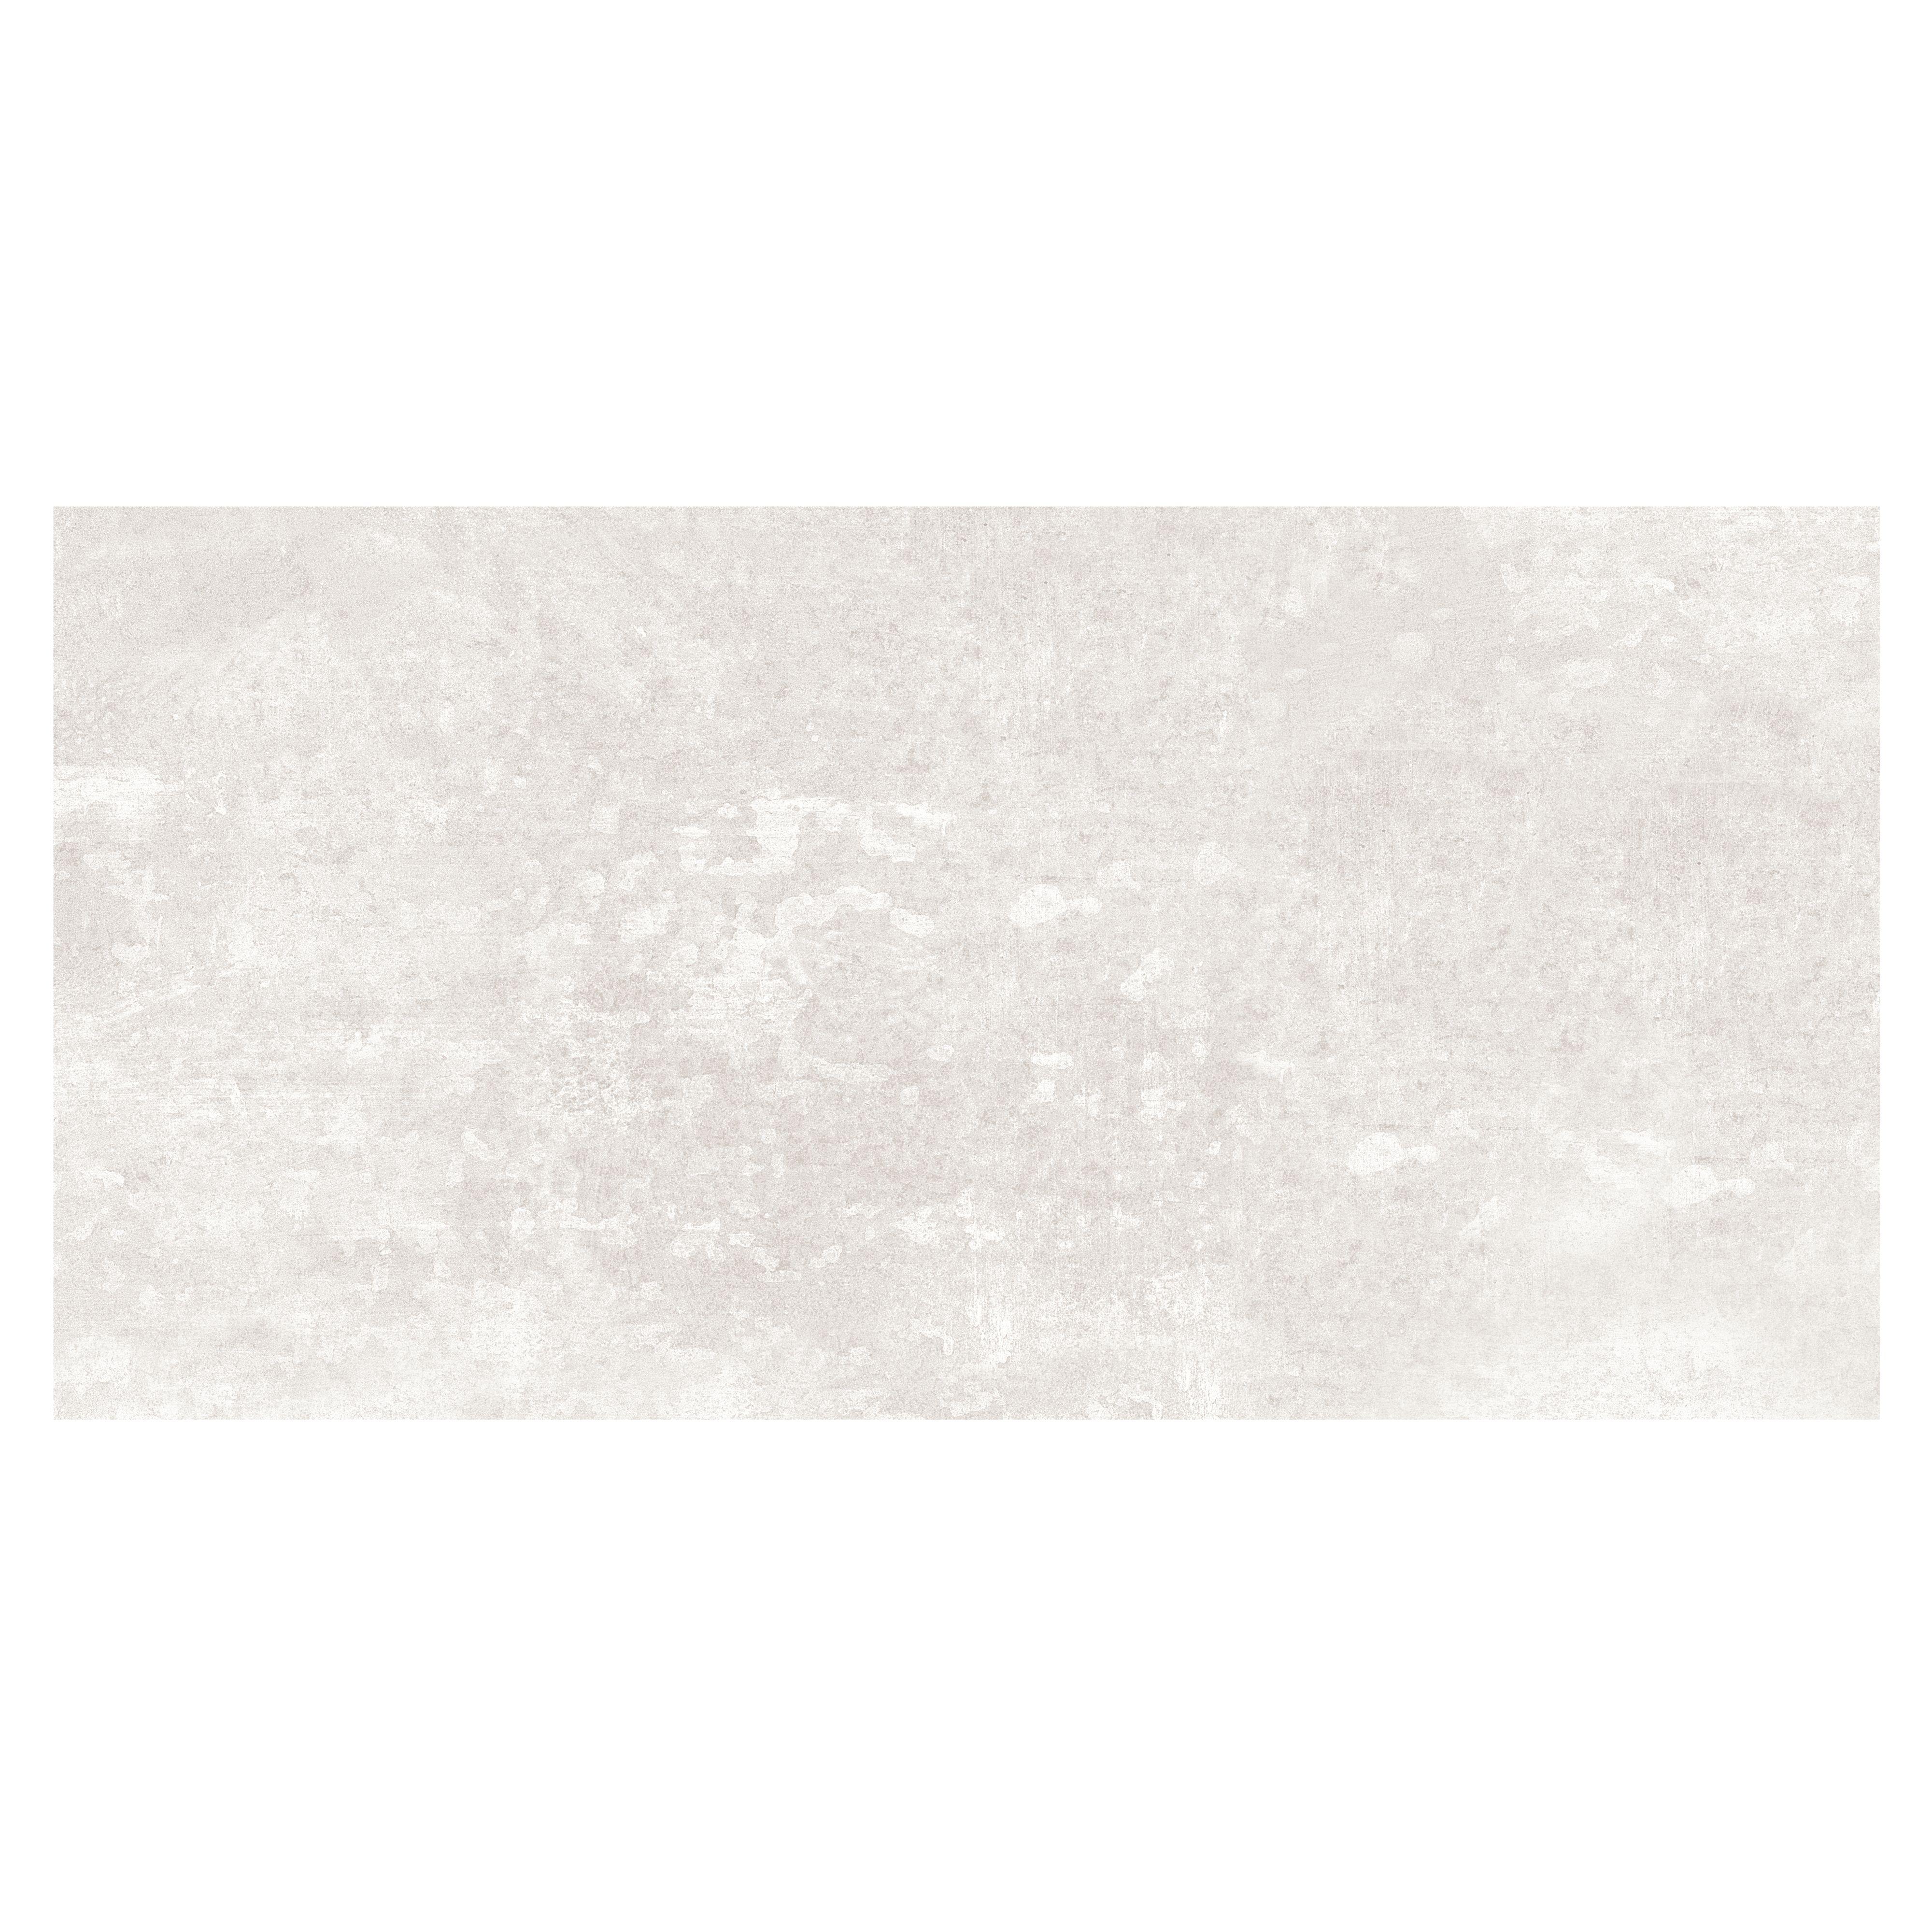 Urban White Matt Ceramic Wall Floor Tile Pack Of 5 L 600mm W 300mm